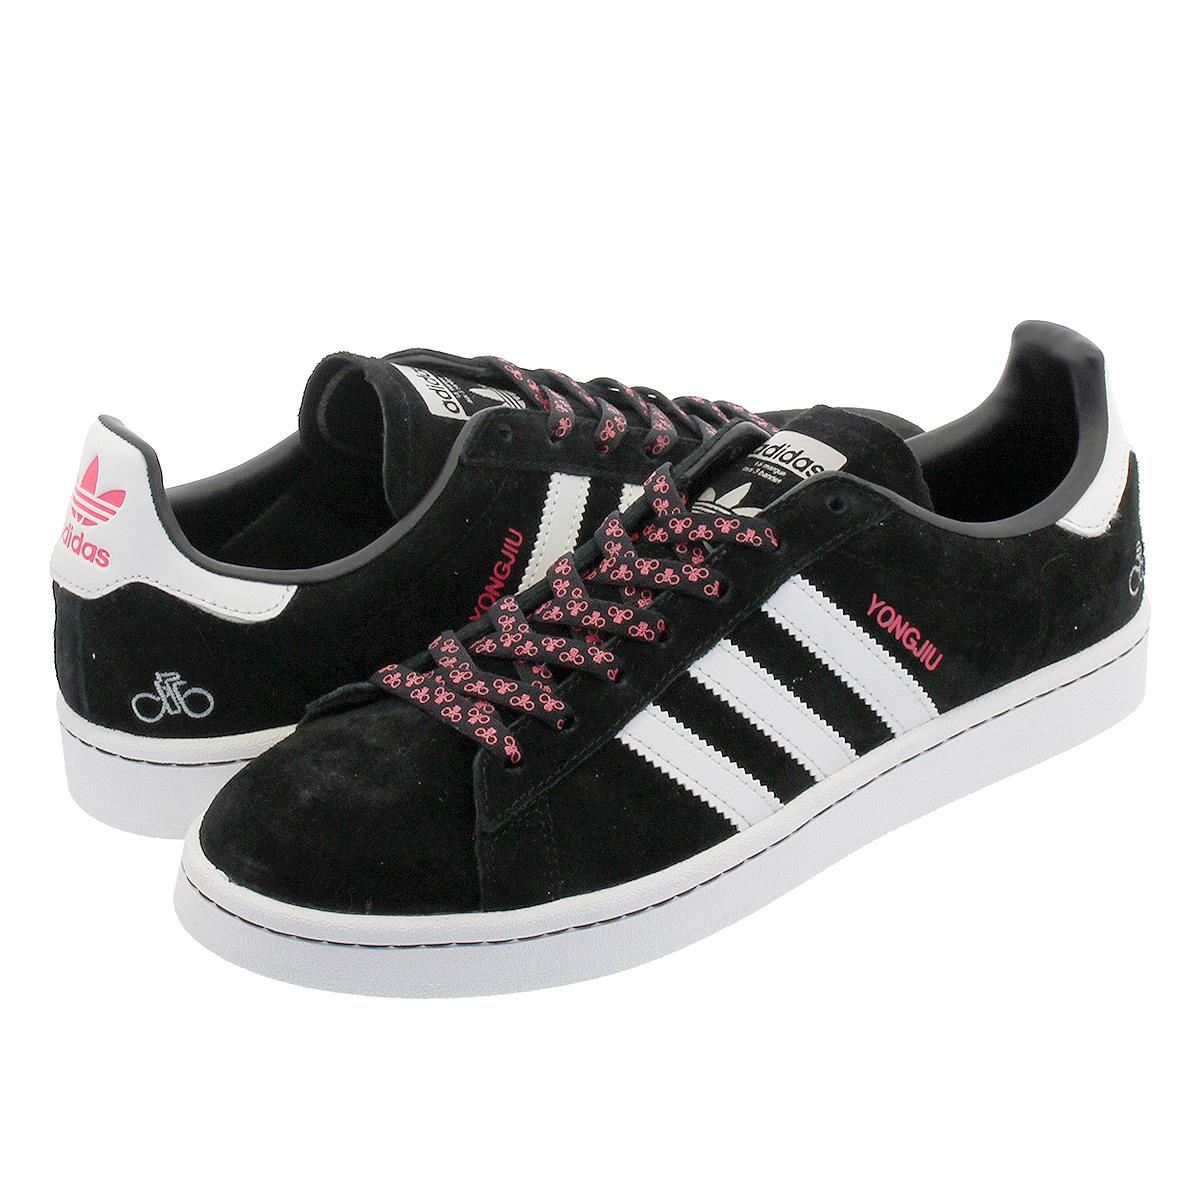 adidas CAMPUS CNY Adidas campus CNY CORE BLACKGREY ONECRYSTAL WHITE g27580